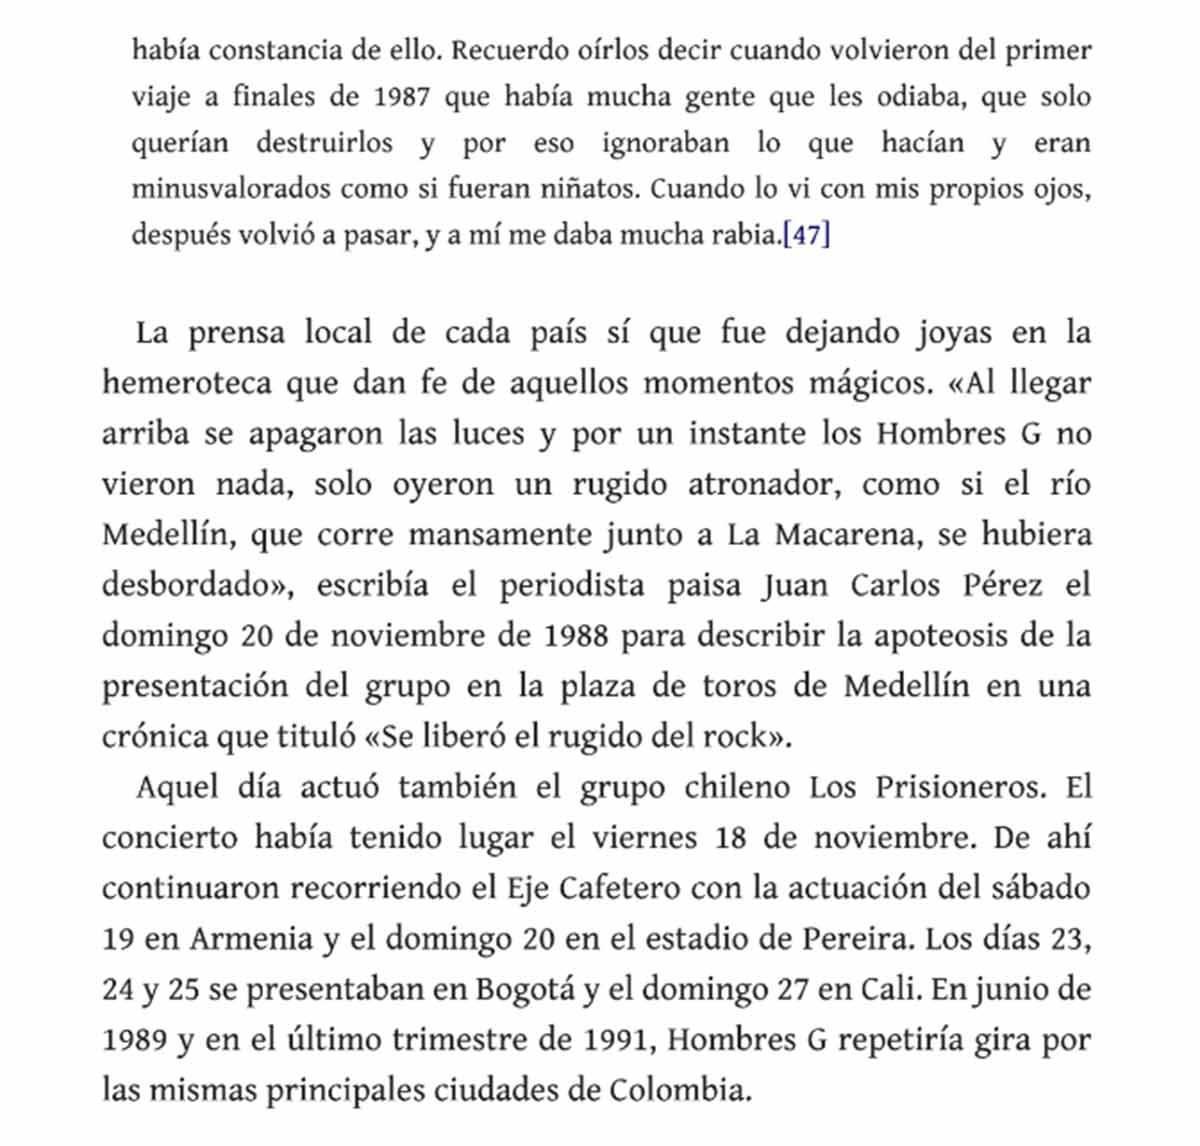 Extracto del libro de los Hombres G / Imagen: Especial